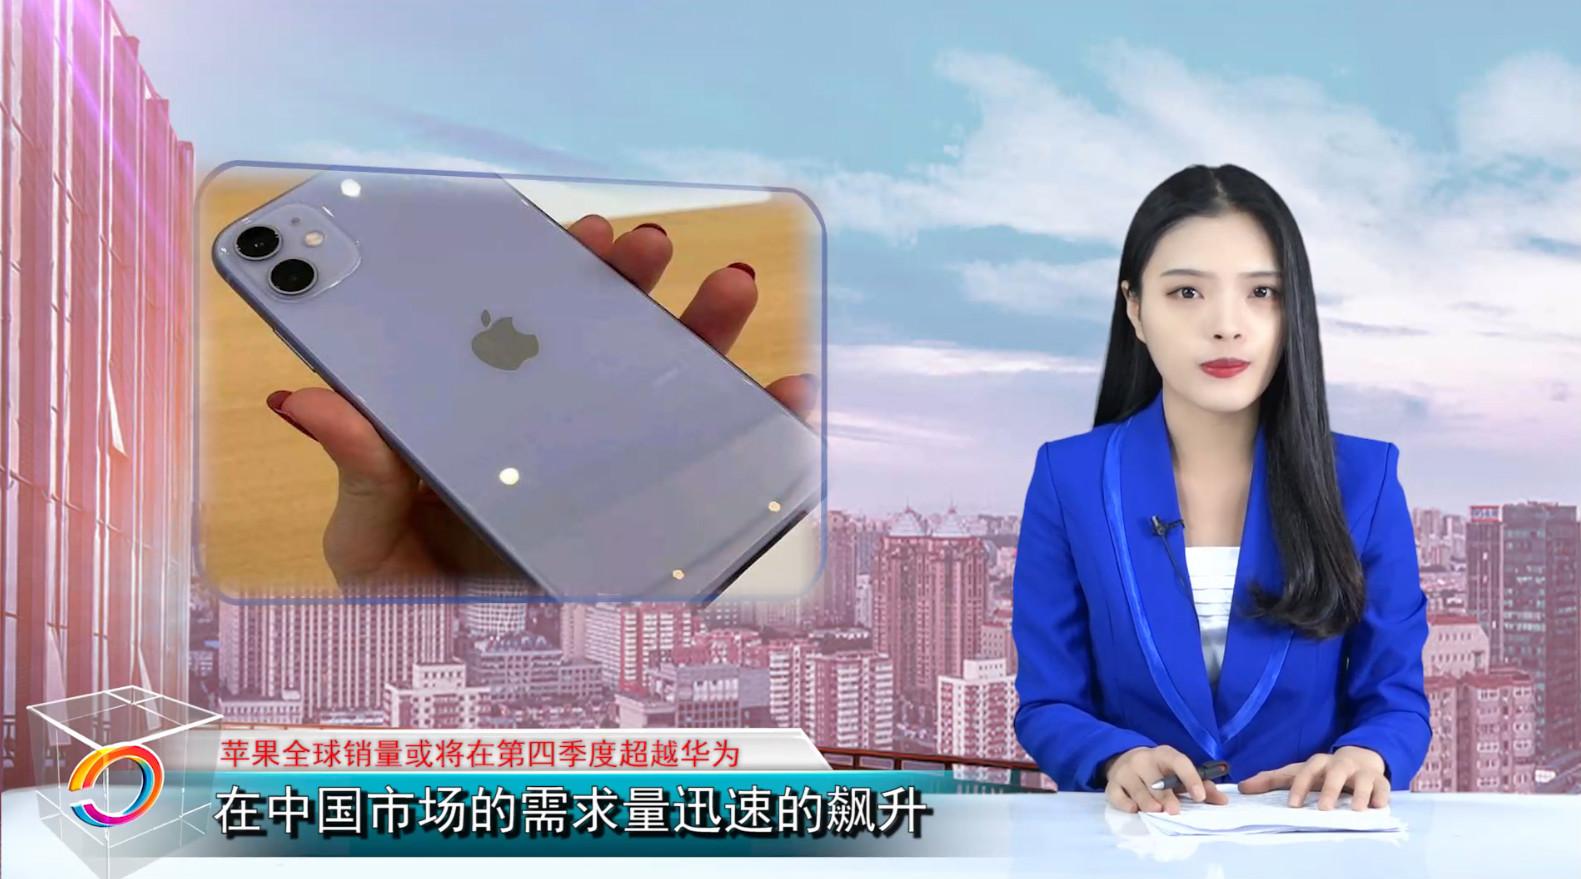 iPhone11系列在国内持续热销,苹果销量或将超越华为